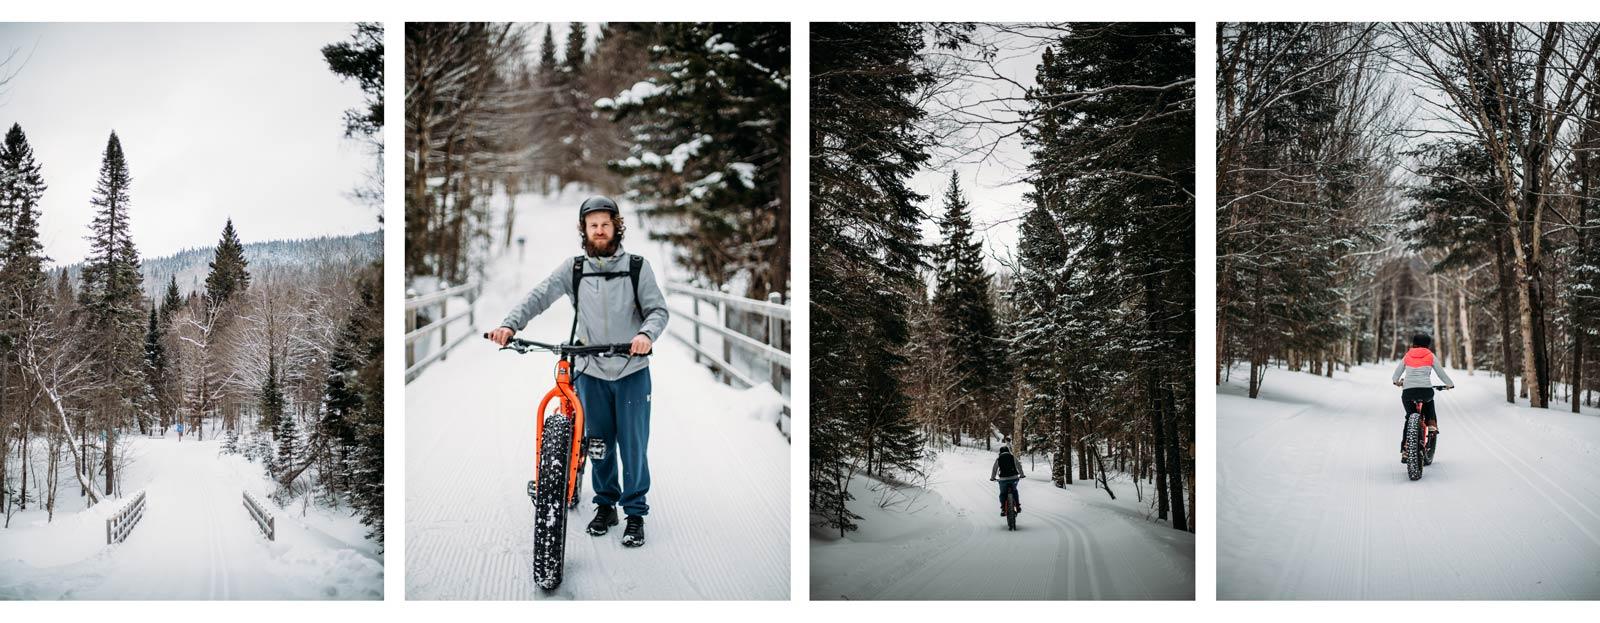 fatbike au parc régional du Massif du sud au Québec